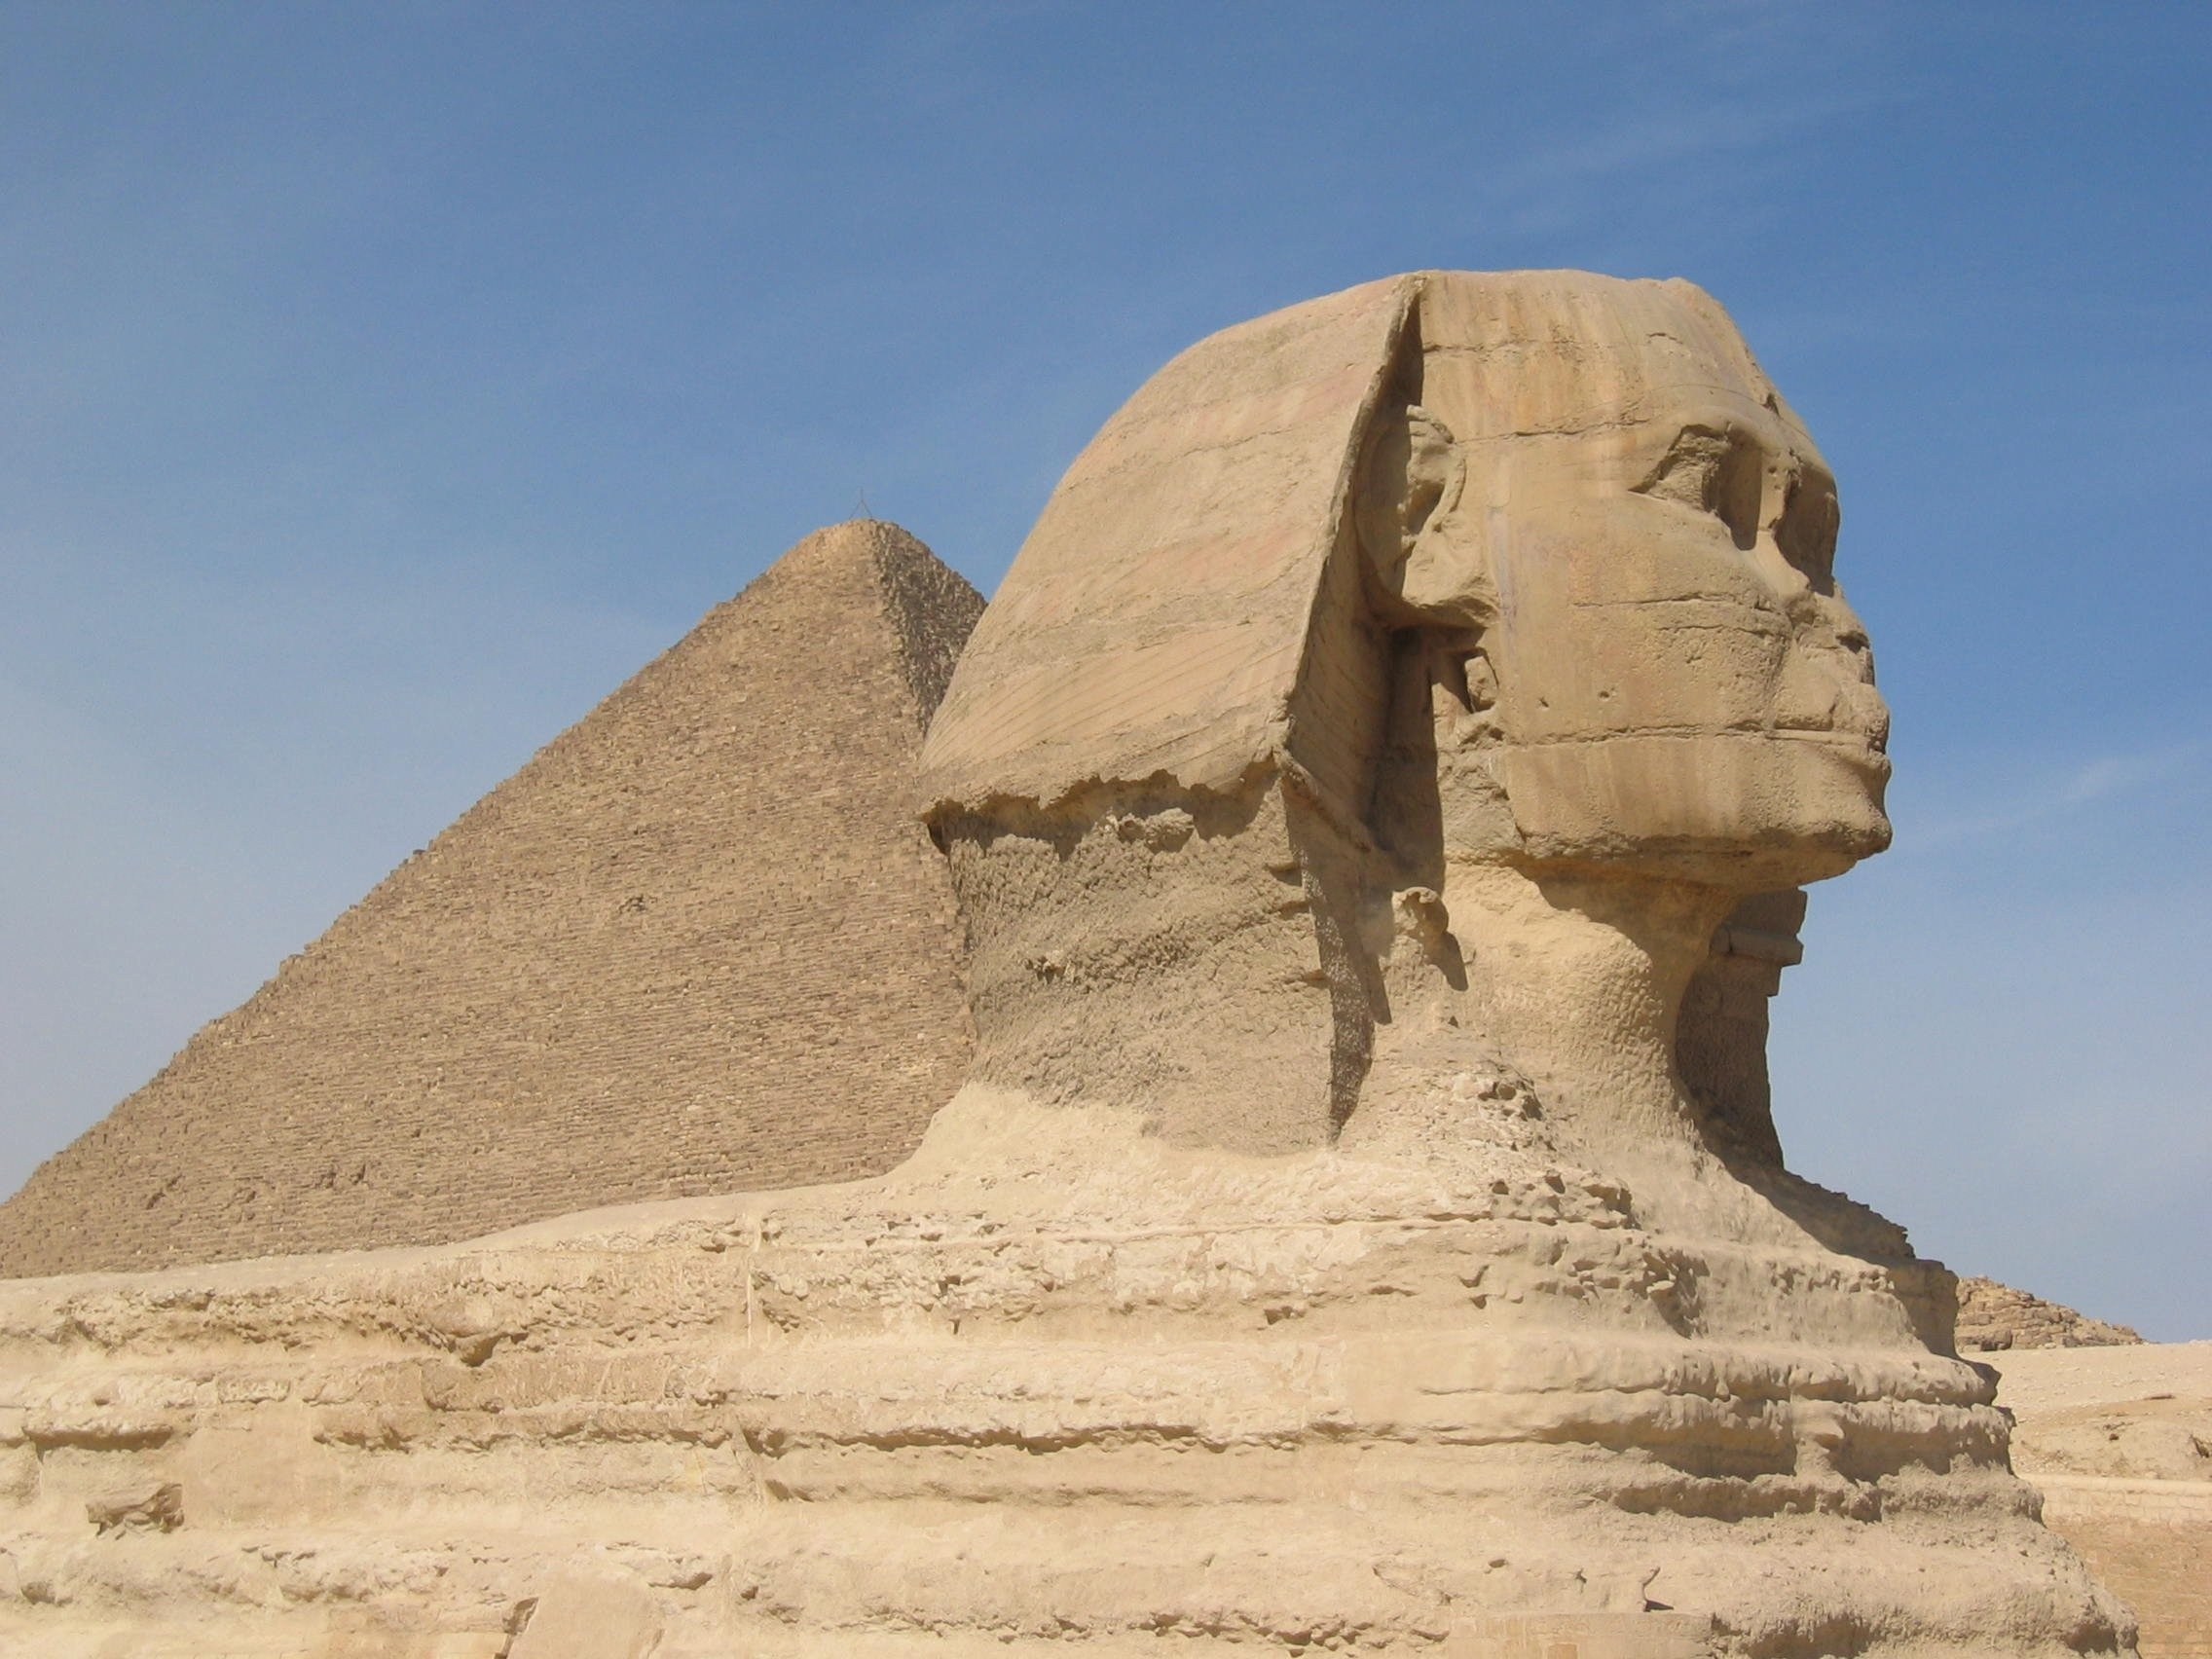 desert-egypt-great-sphinx-of-giza-2359